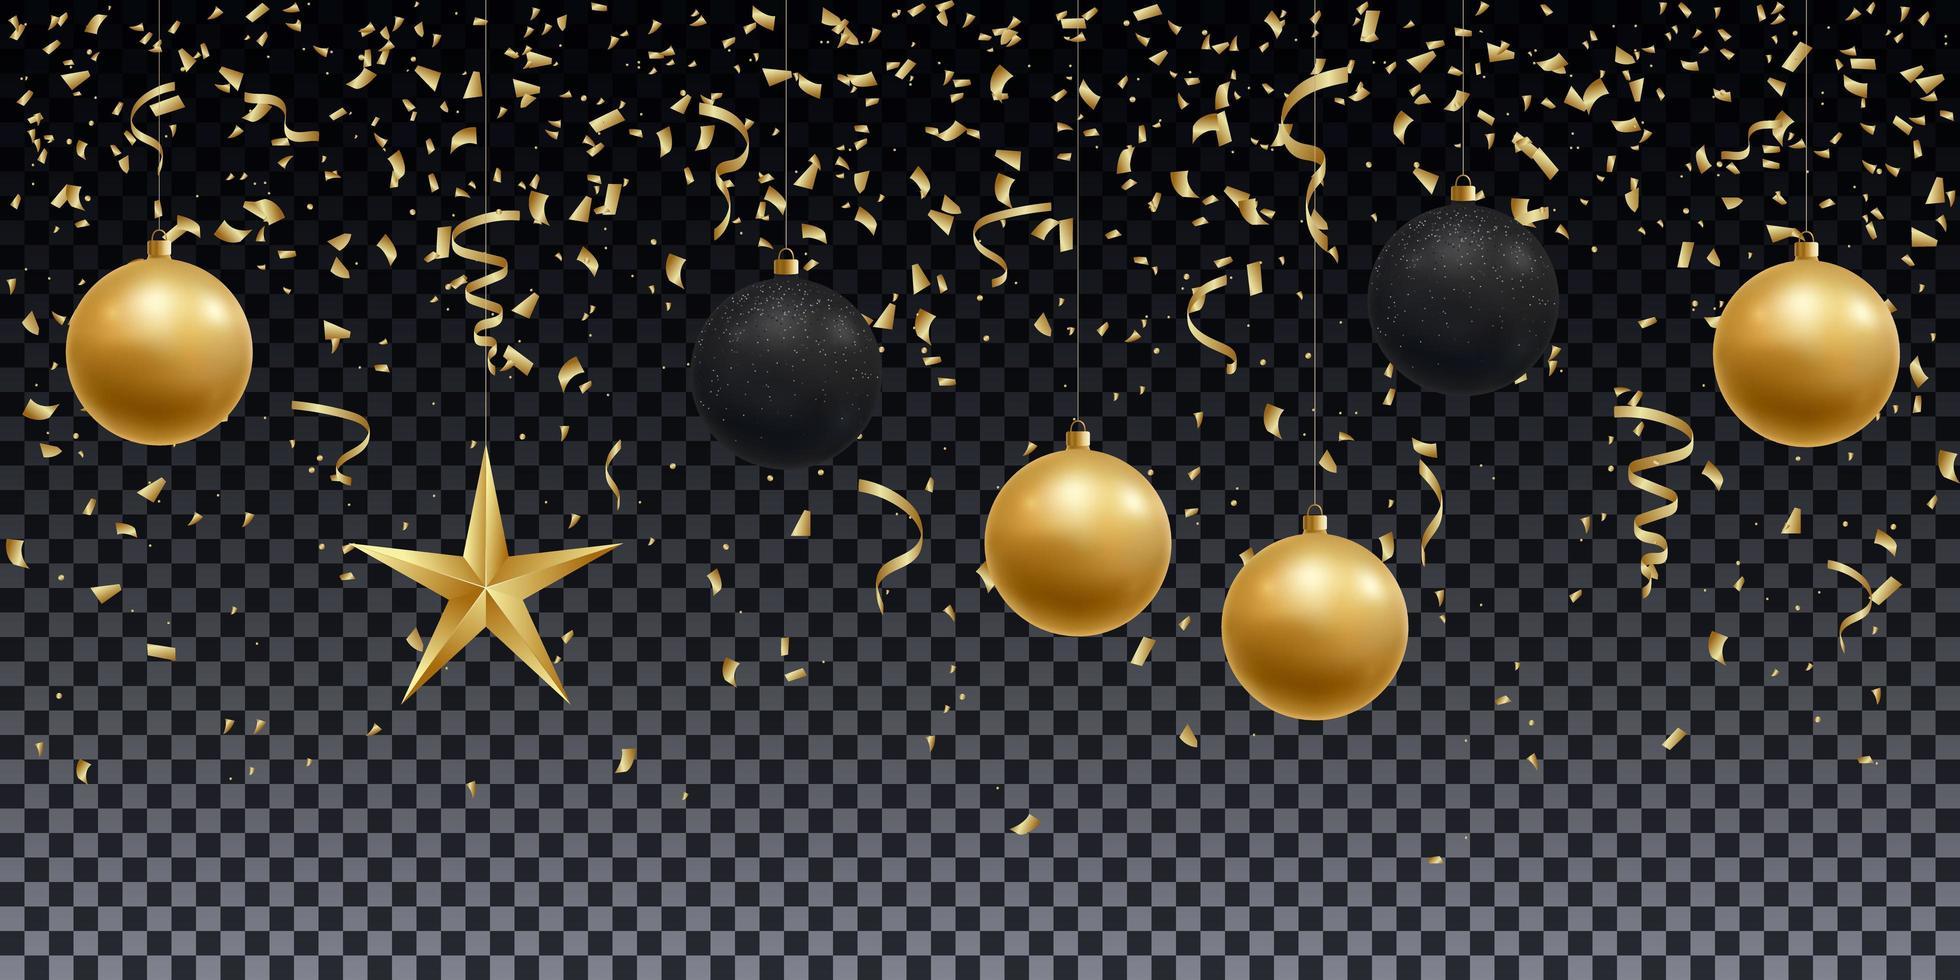 realistiska glänsande guld- och svarta bollar, stjärna och konfetti vektor